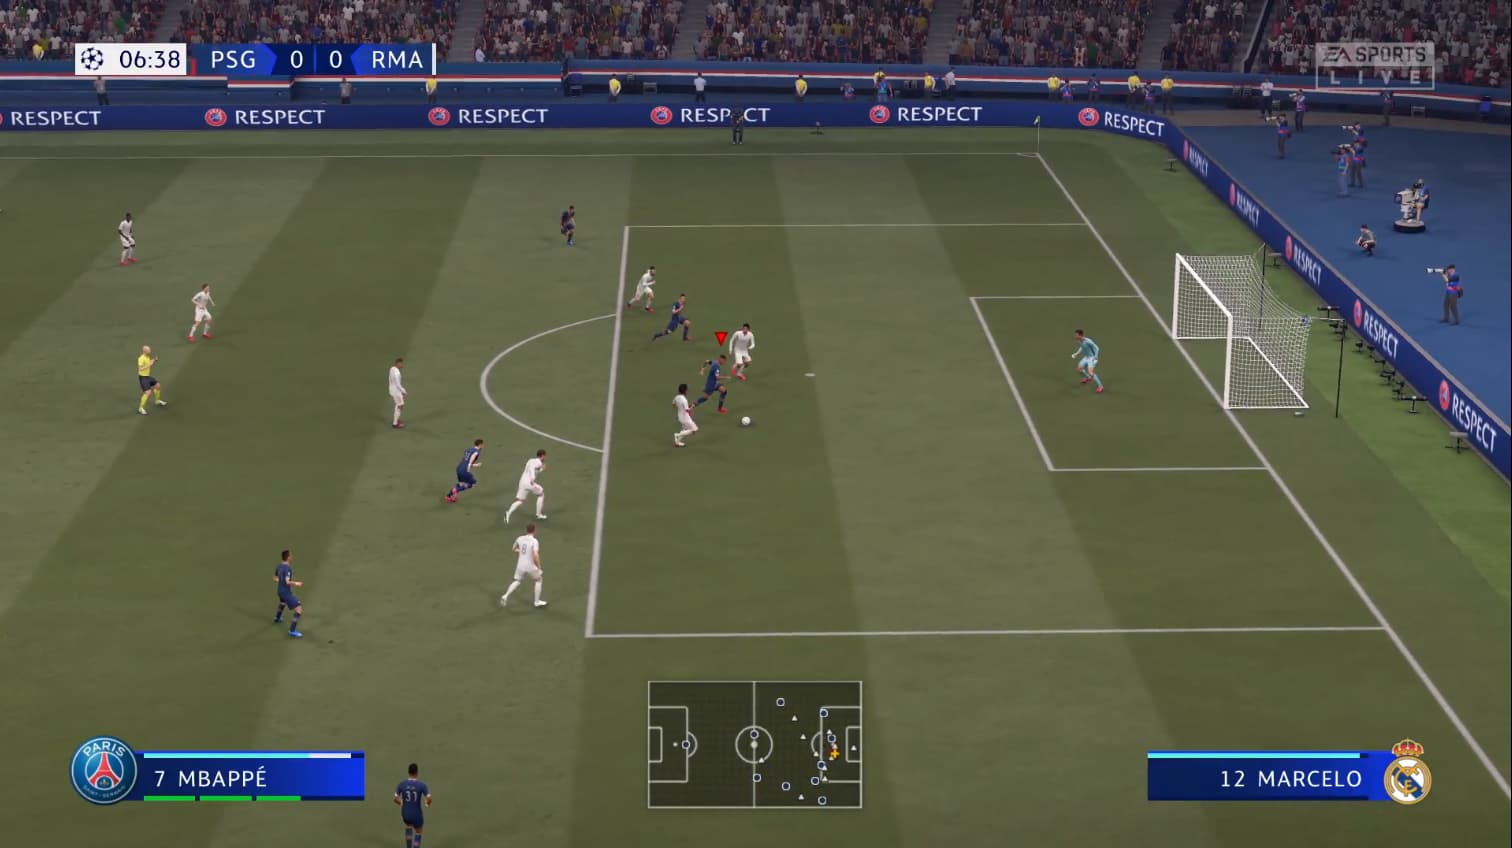 Imposible que haya más bugs por minutos: ¡así de mal va FIFA 21!